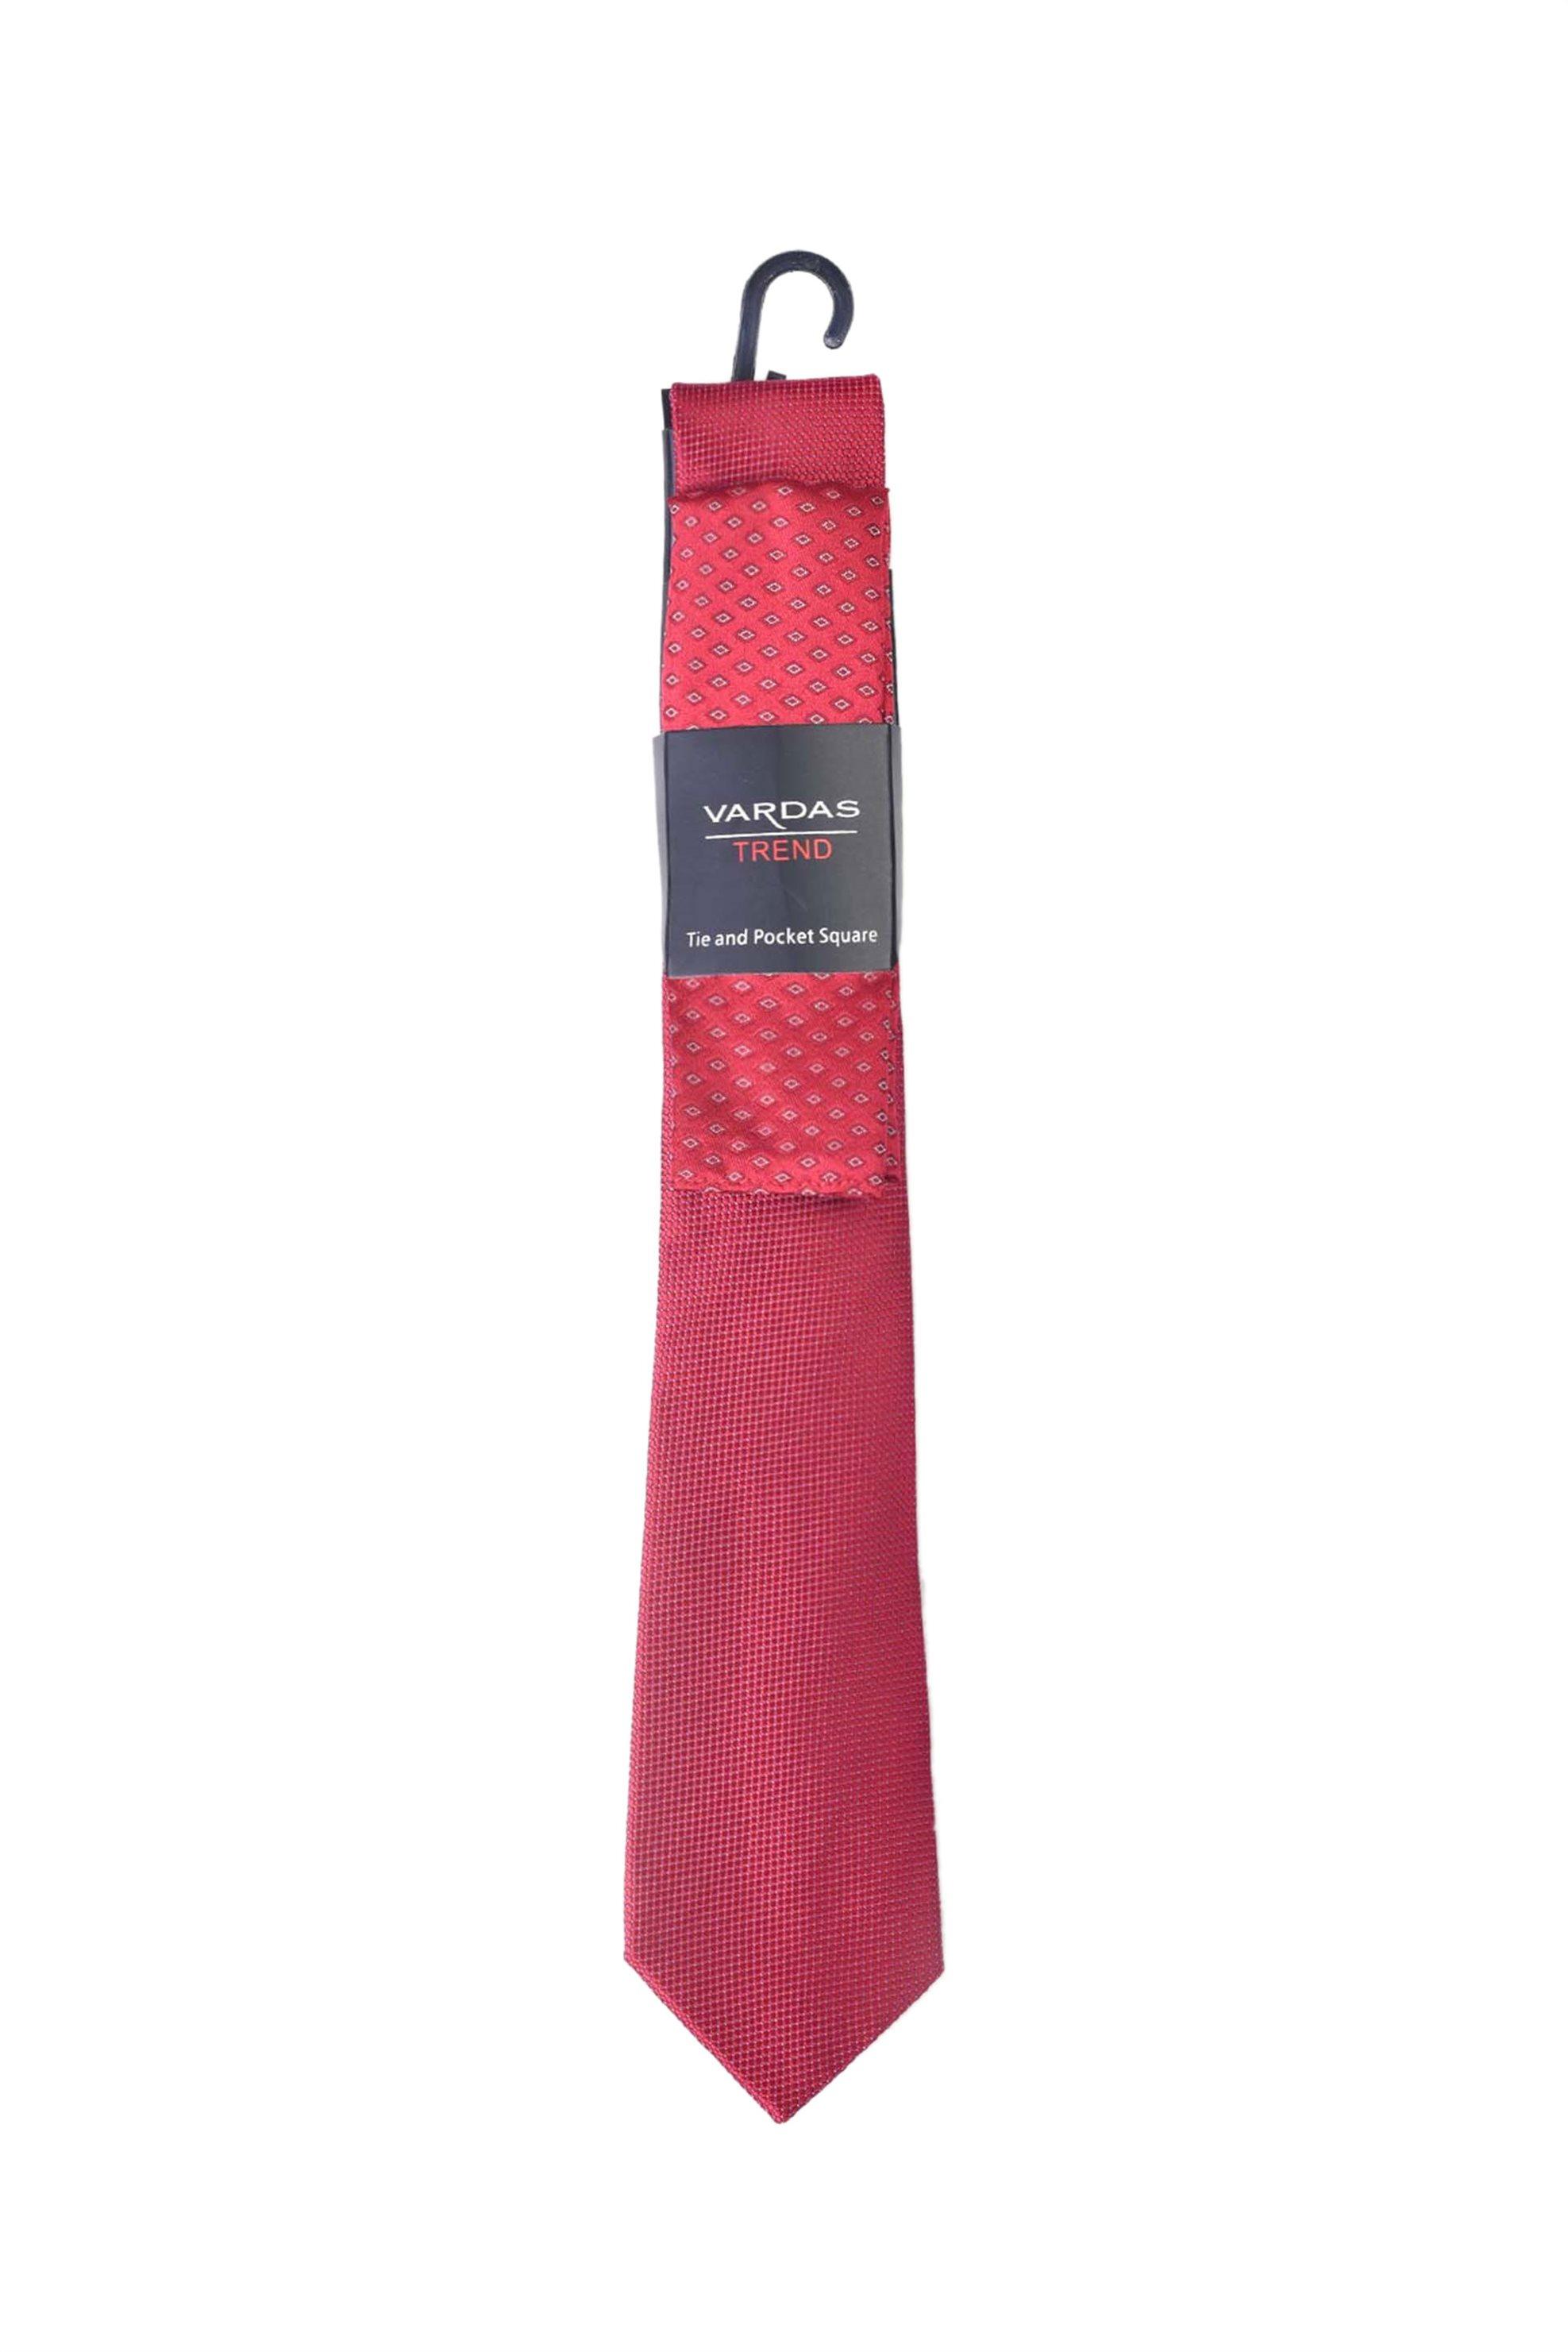 Vardas ανδρικό μεταξωτό σετ γραβάτα και μαντηλάκι - 2062000364301 - Κόκκινο